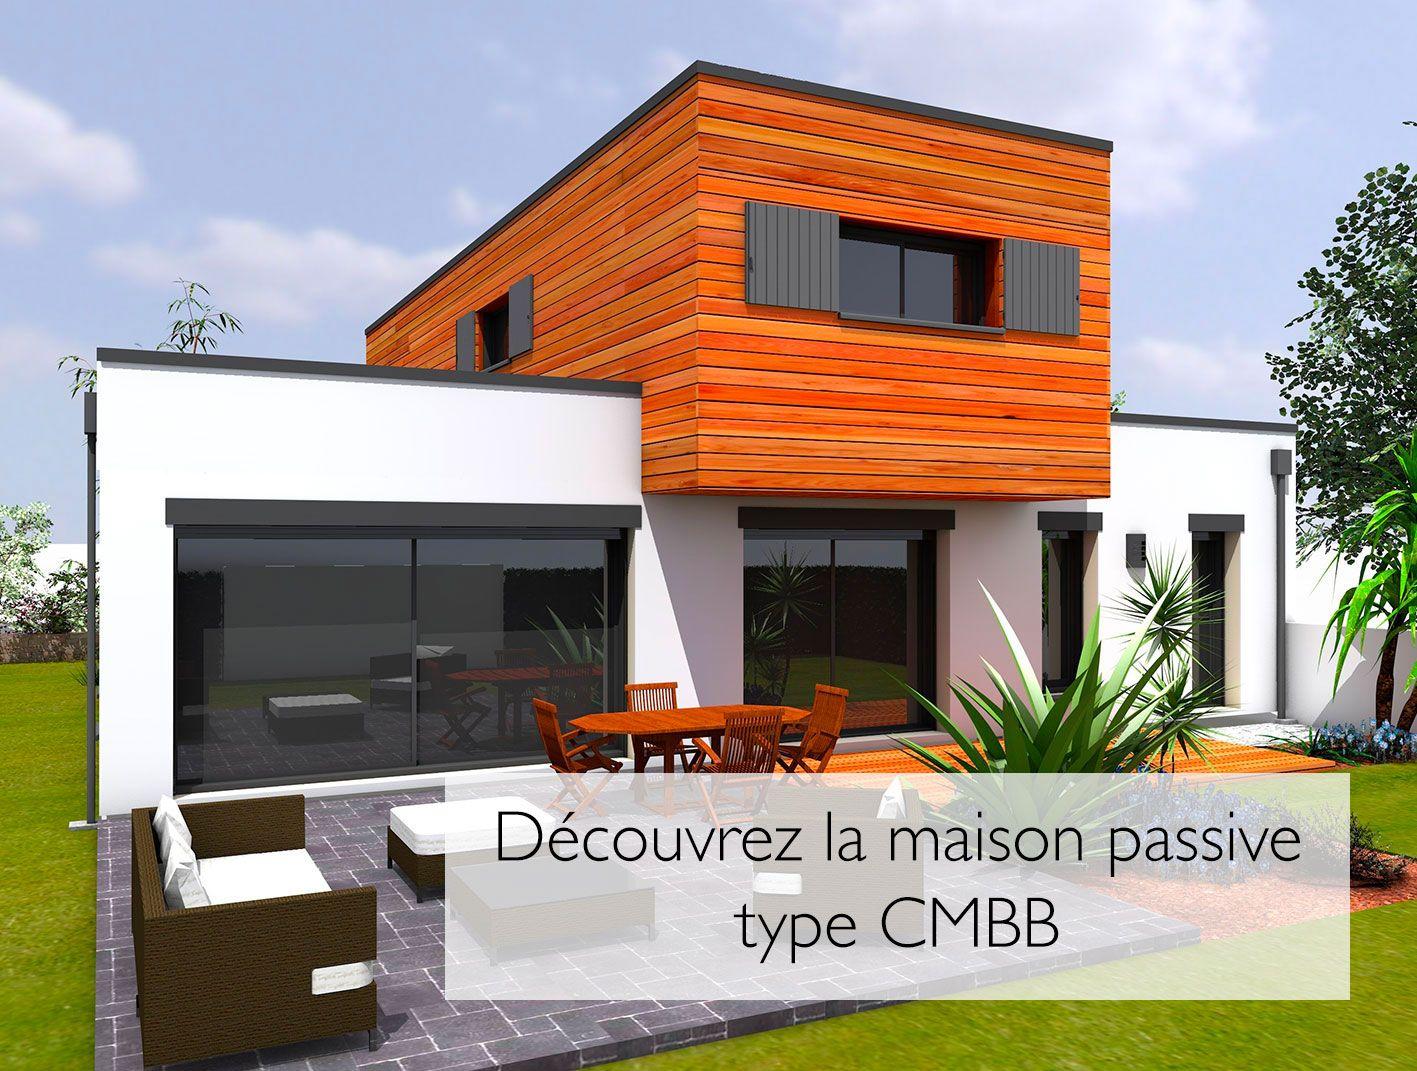 bouton maison passive type CMBB